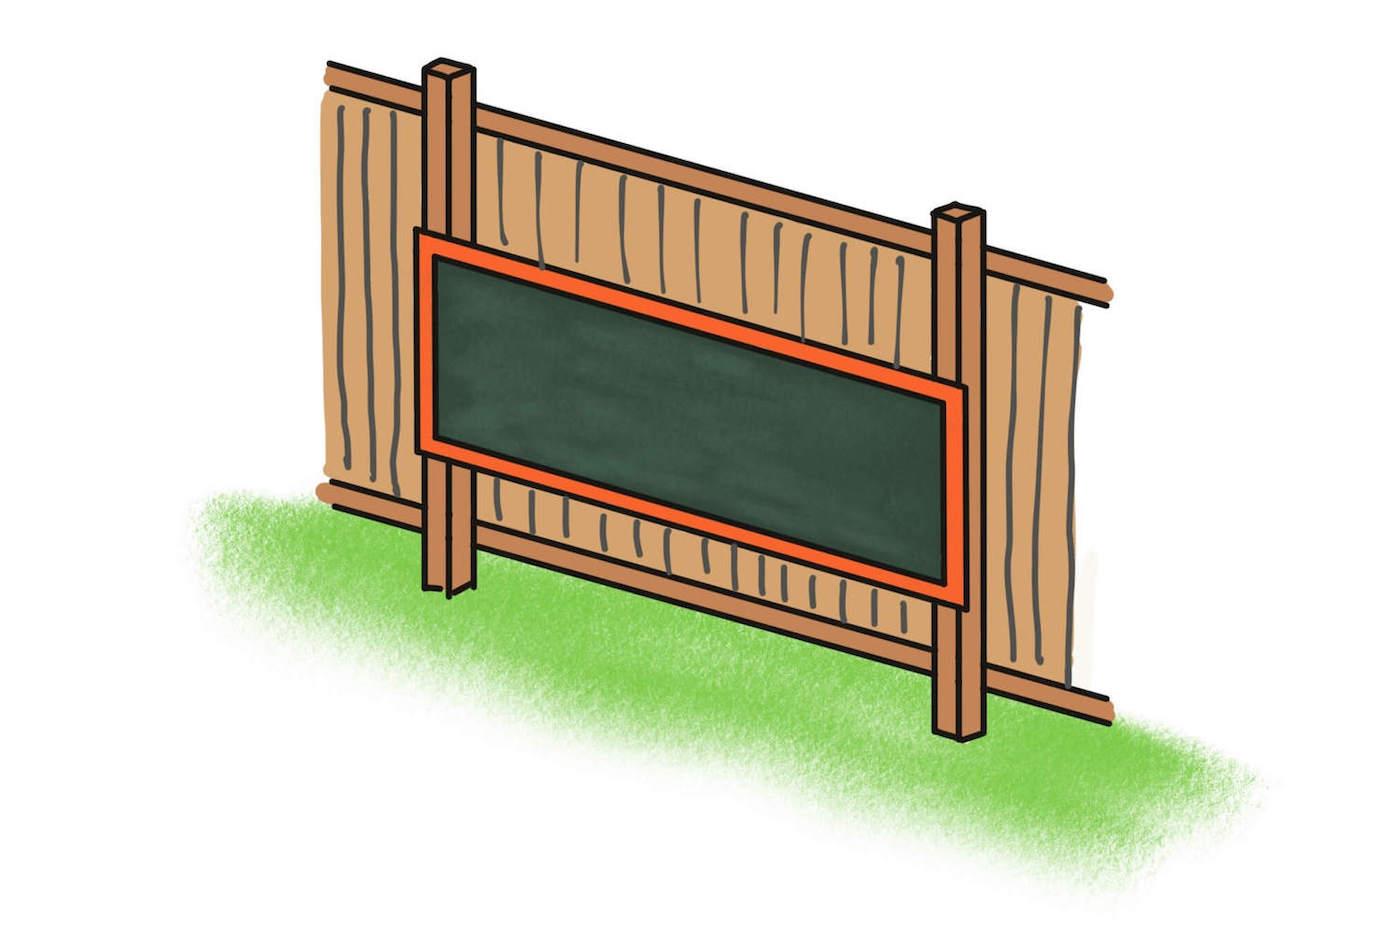 Outdoor chalkboard